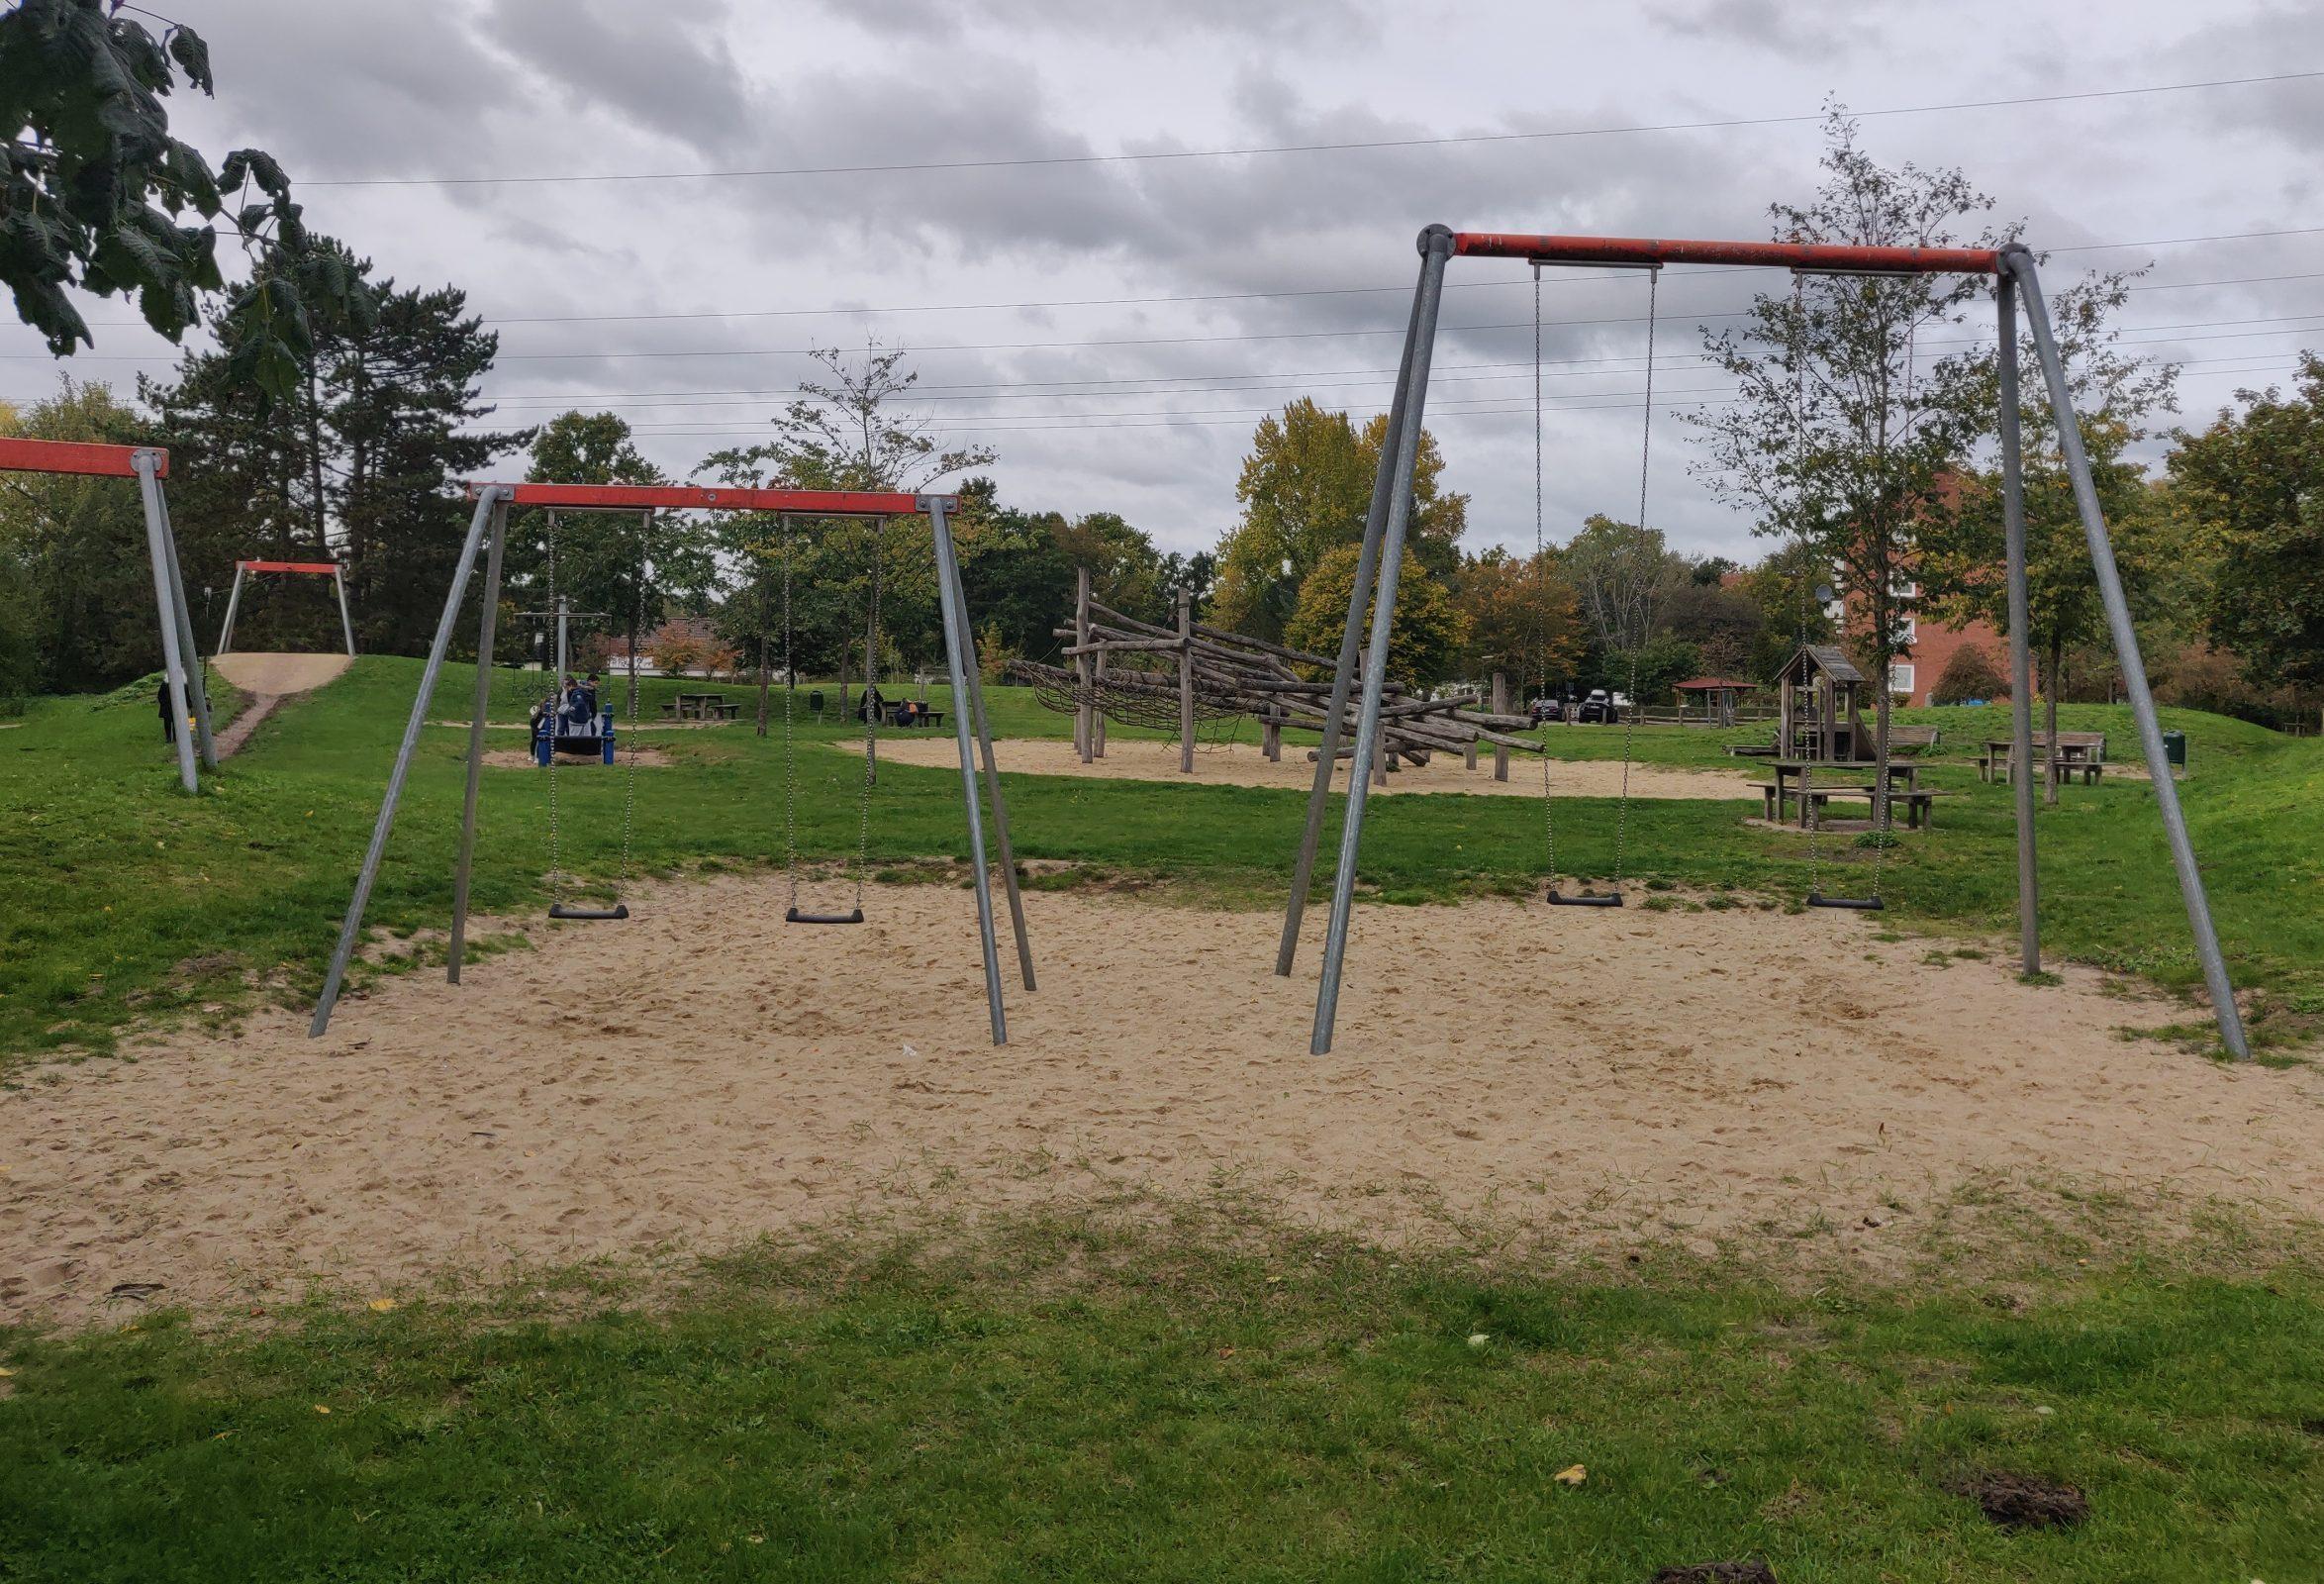 Klettergerüst Schaukel Spielplatz